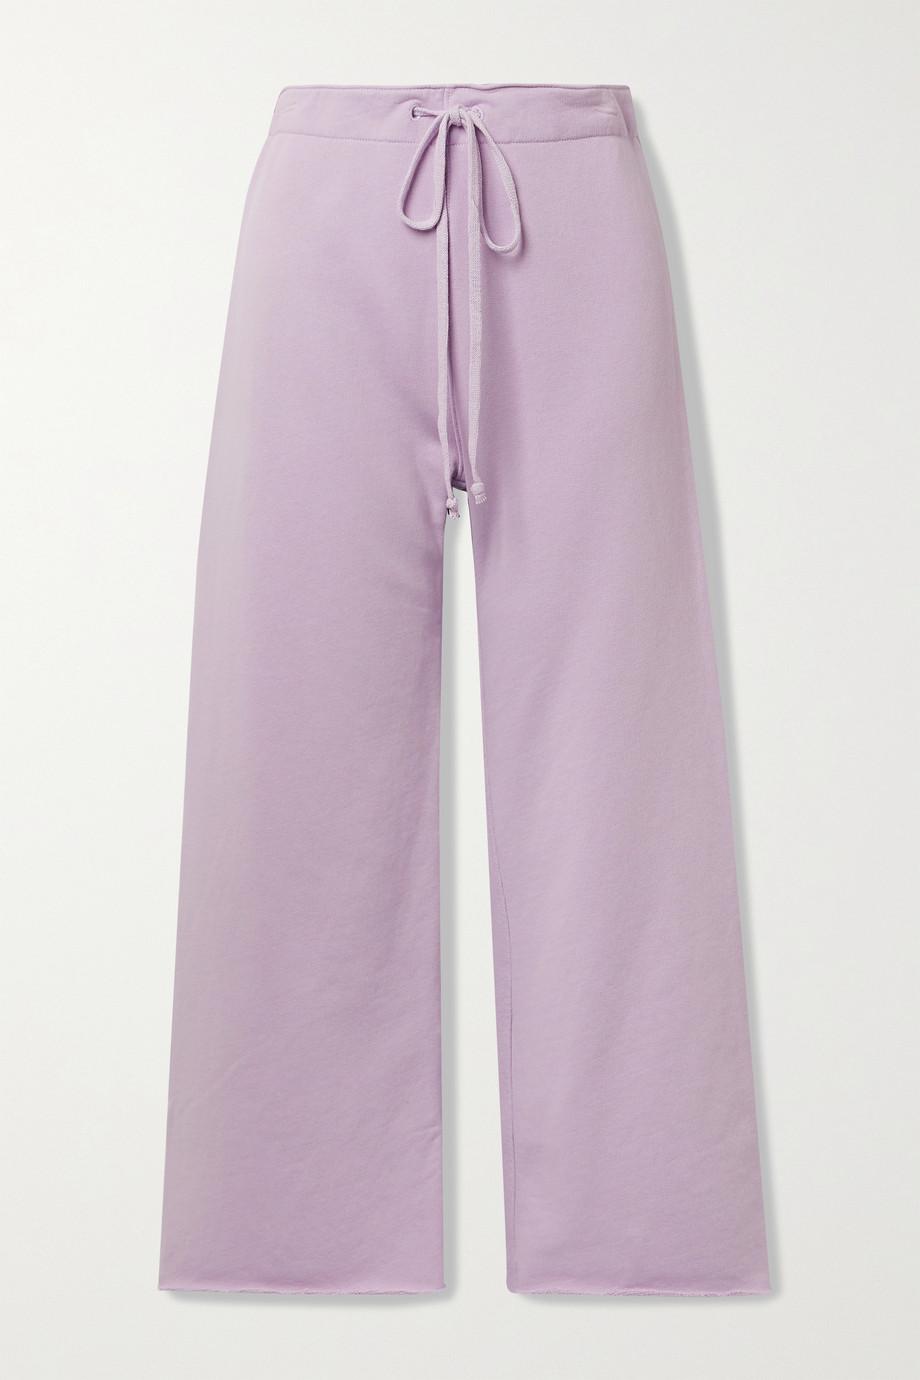 Nili Lotan Pantalon de survêtement raccourci en jersey de coton Kiki